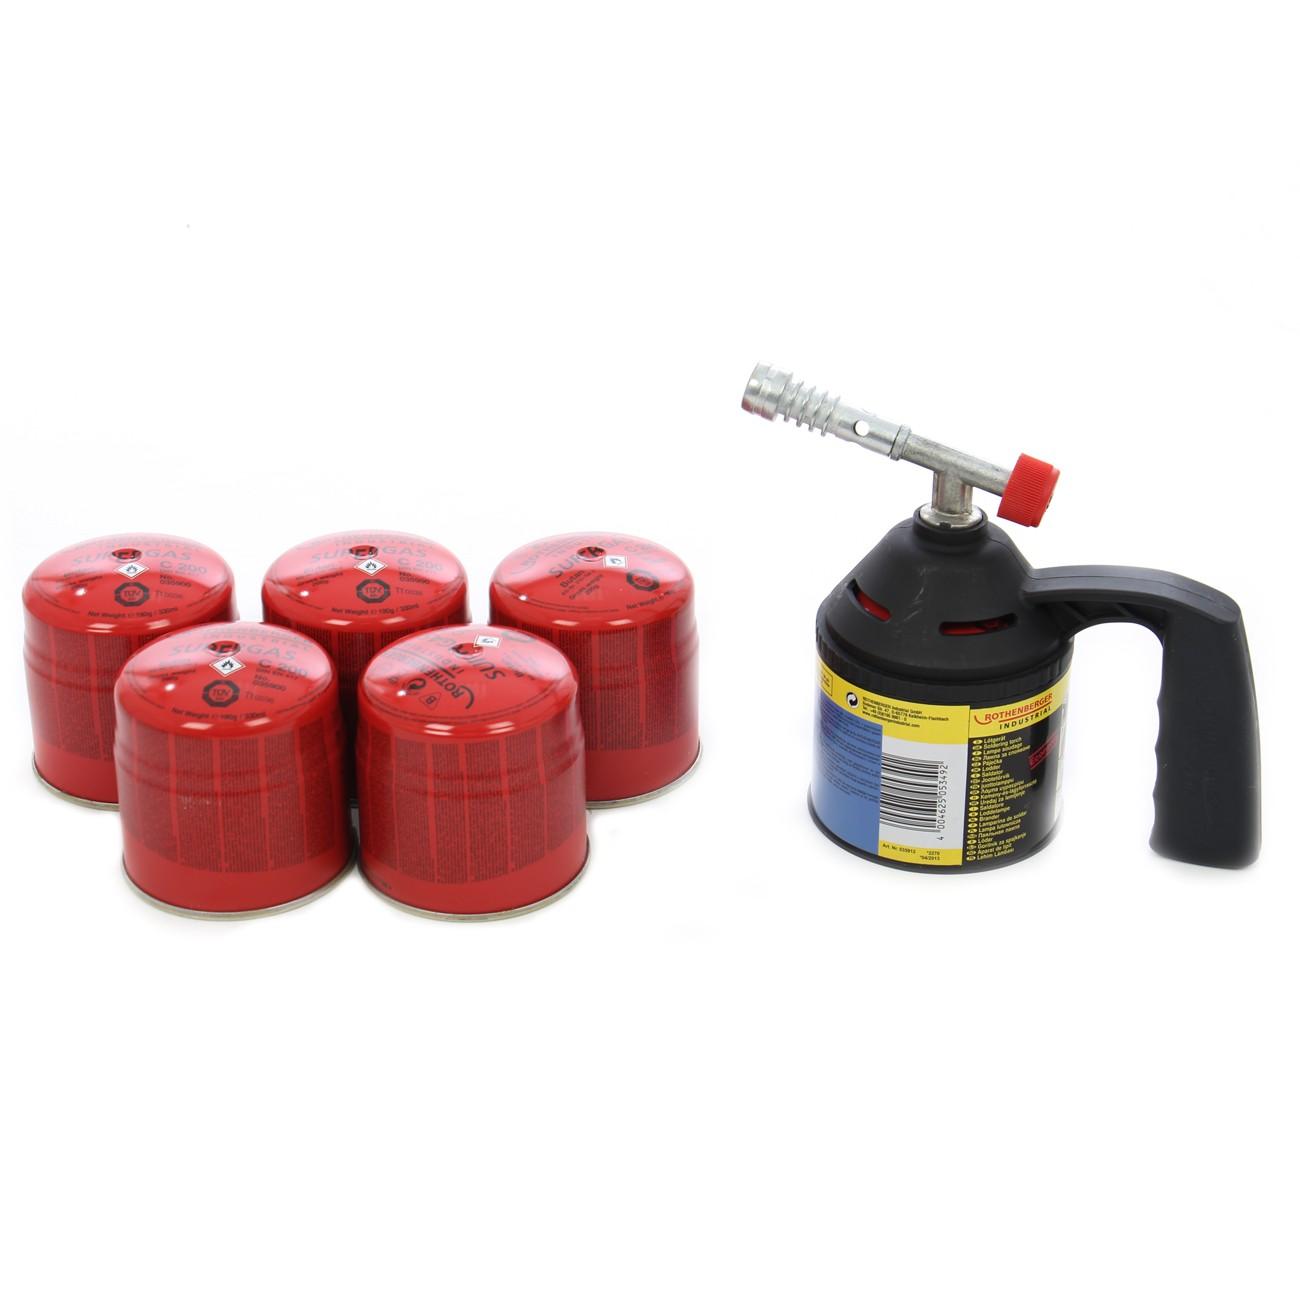 Arzator Rothenberger RoFlame + 5 cartuse gaz C200, 190 ml